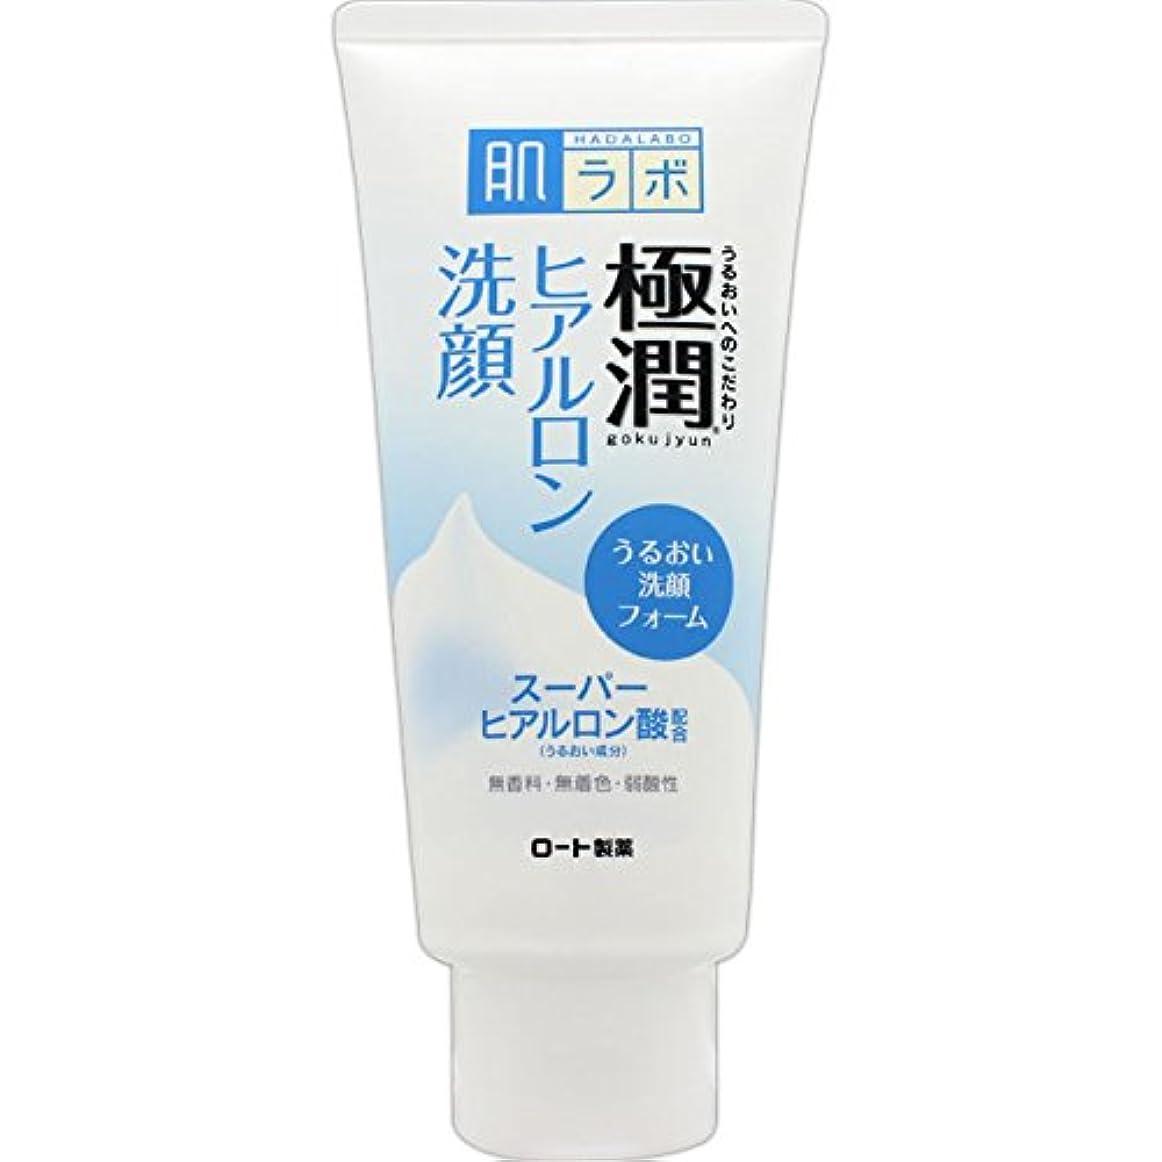 直接起点才能のある肌ラボ 極潤 ヒアルロン洗顔フォーム スーパーヒアルロン酸&吸着型ヒアルロン酸をW配合 100g